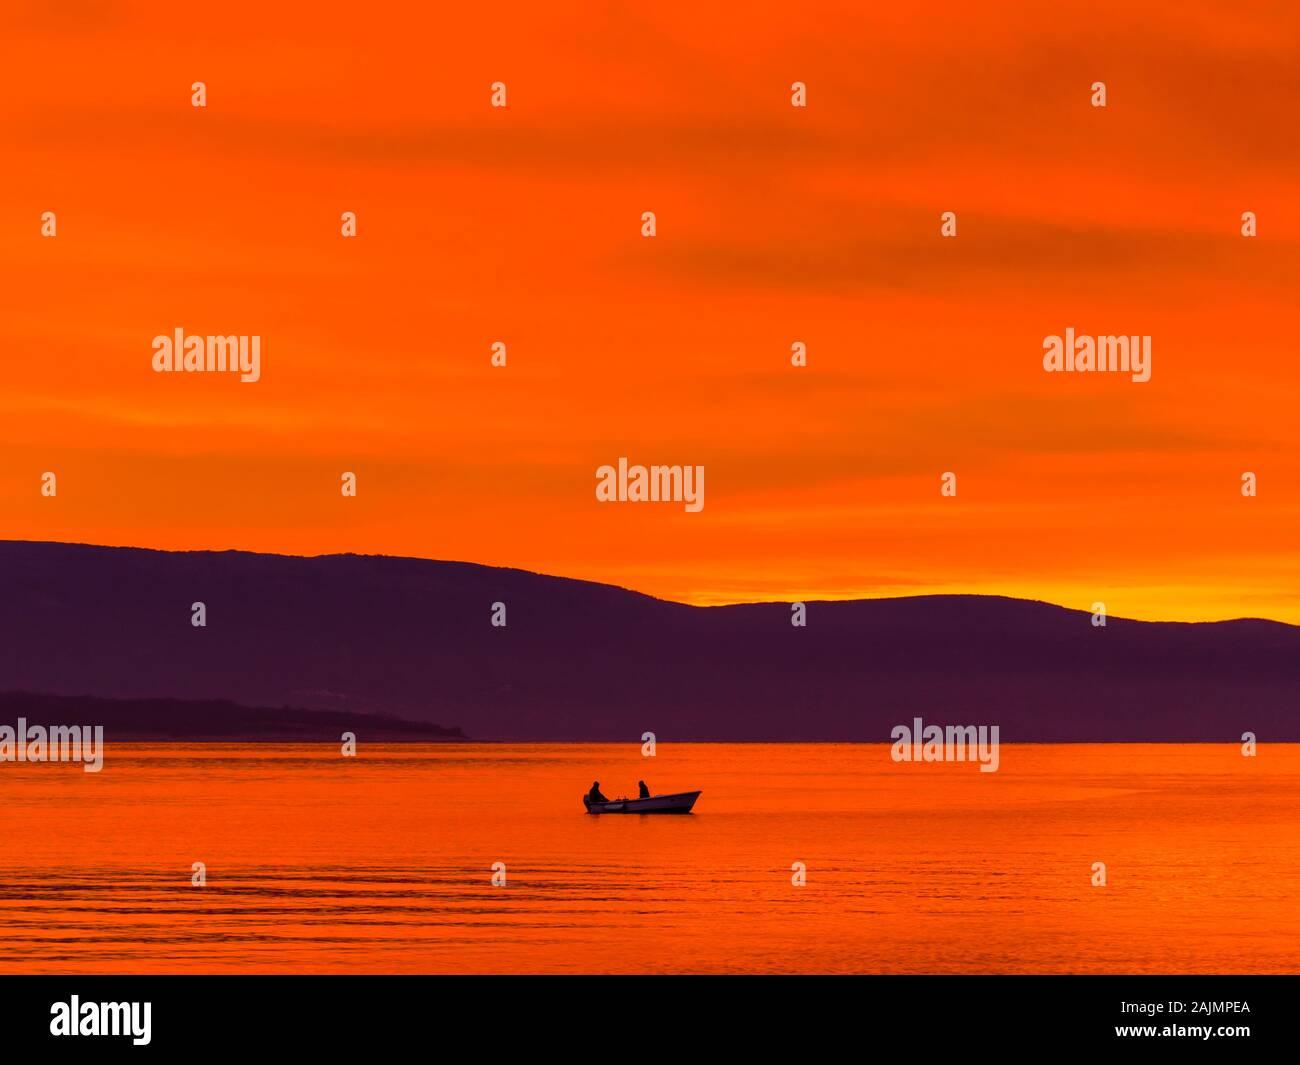 Barco solitario con dos pescadores antes de la gloriosa puesta de sol del mar paisaje panorama Foto de stock